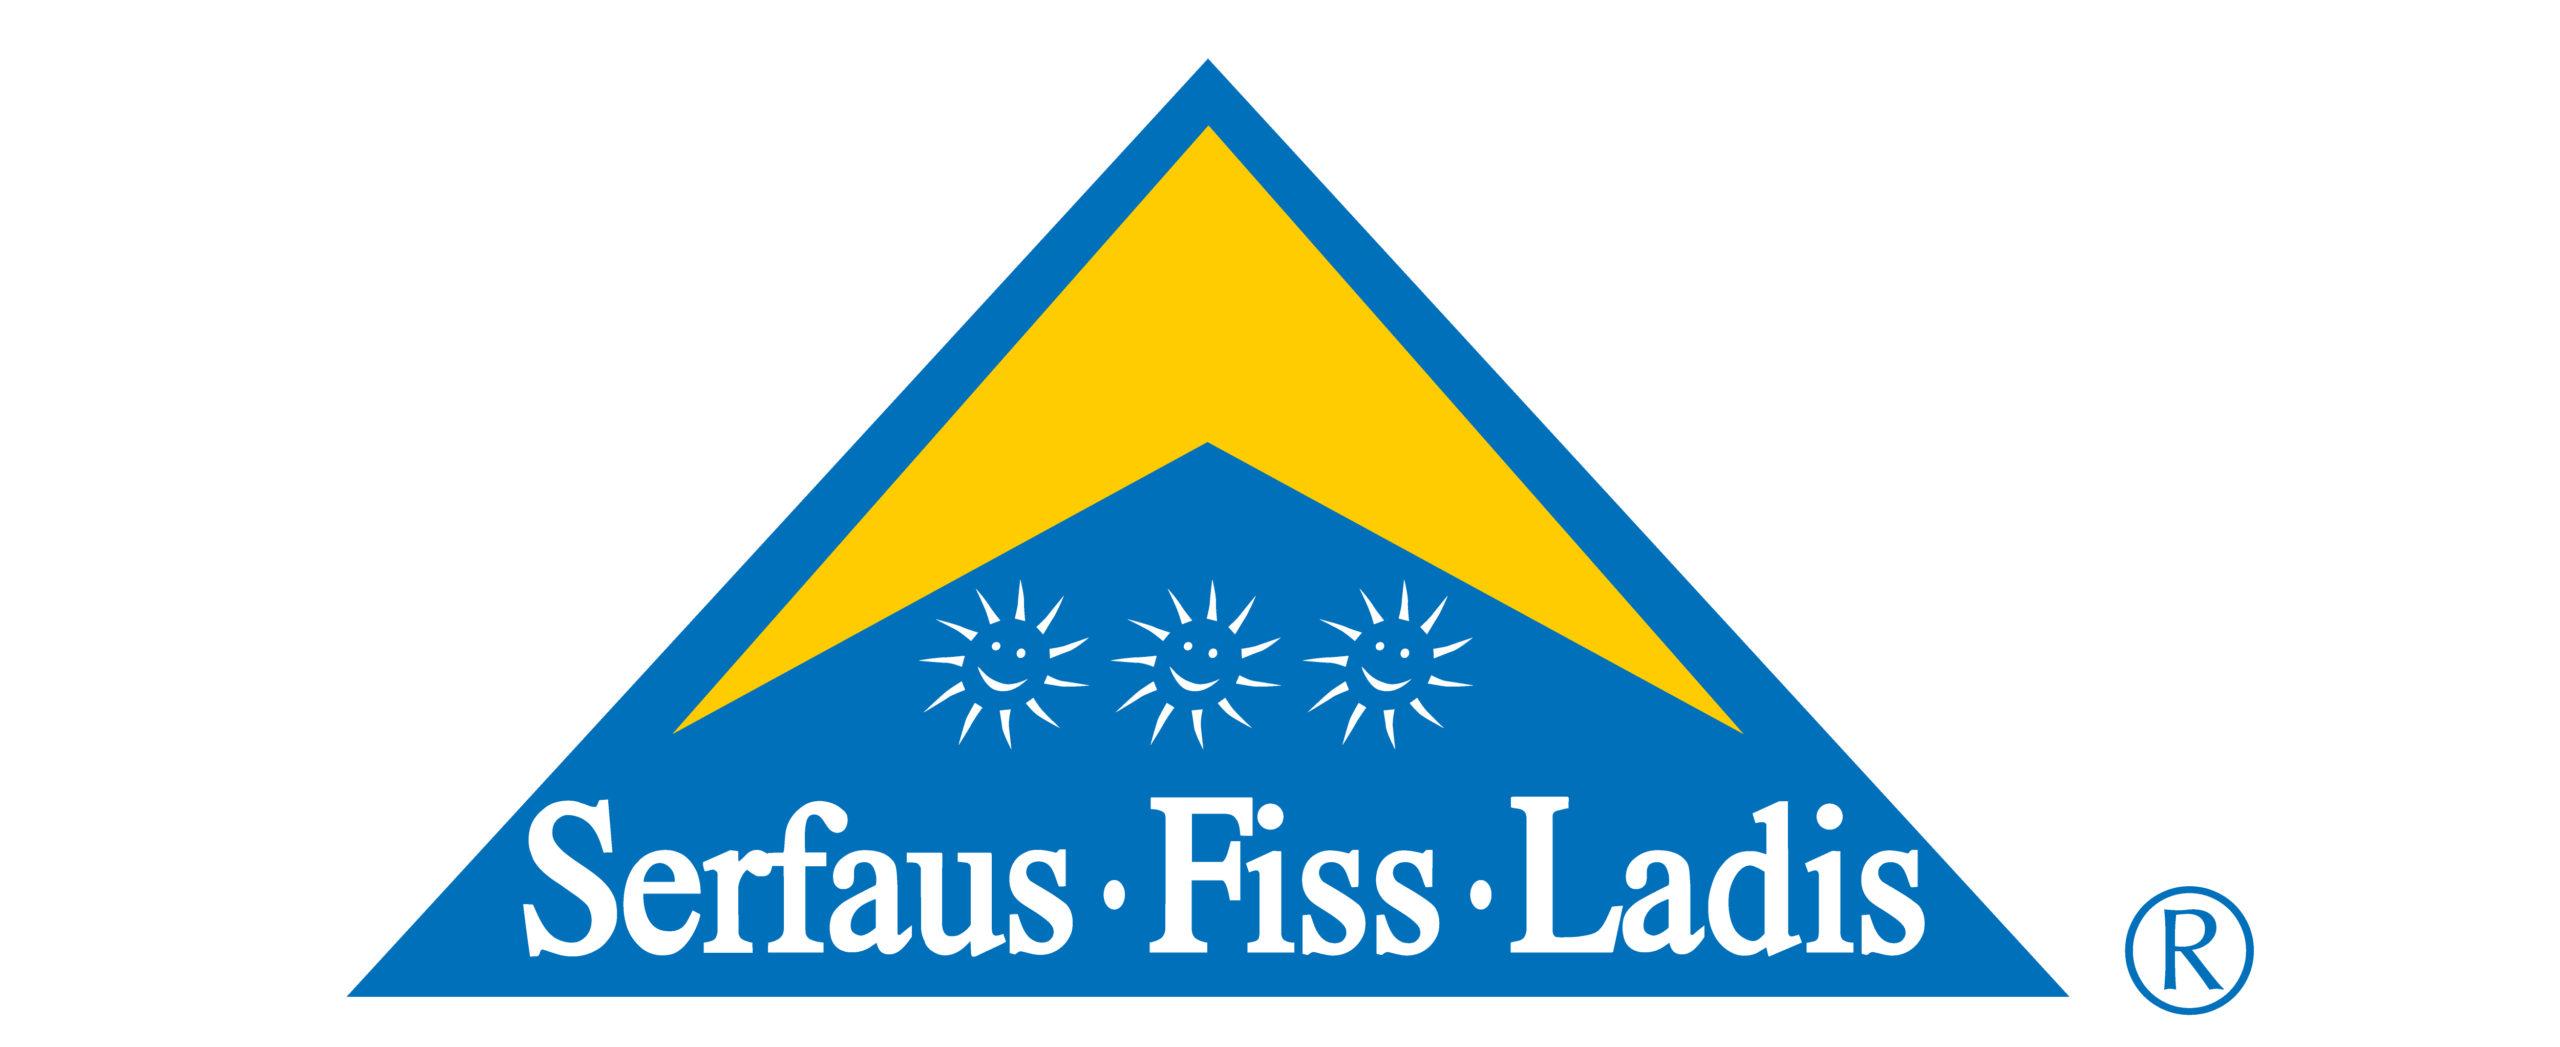 Serfaus-Fiss-Ladis Logo